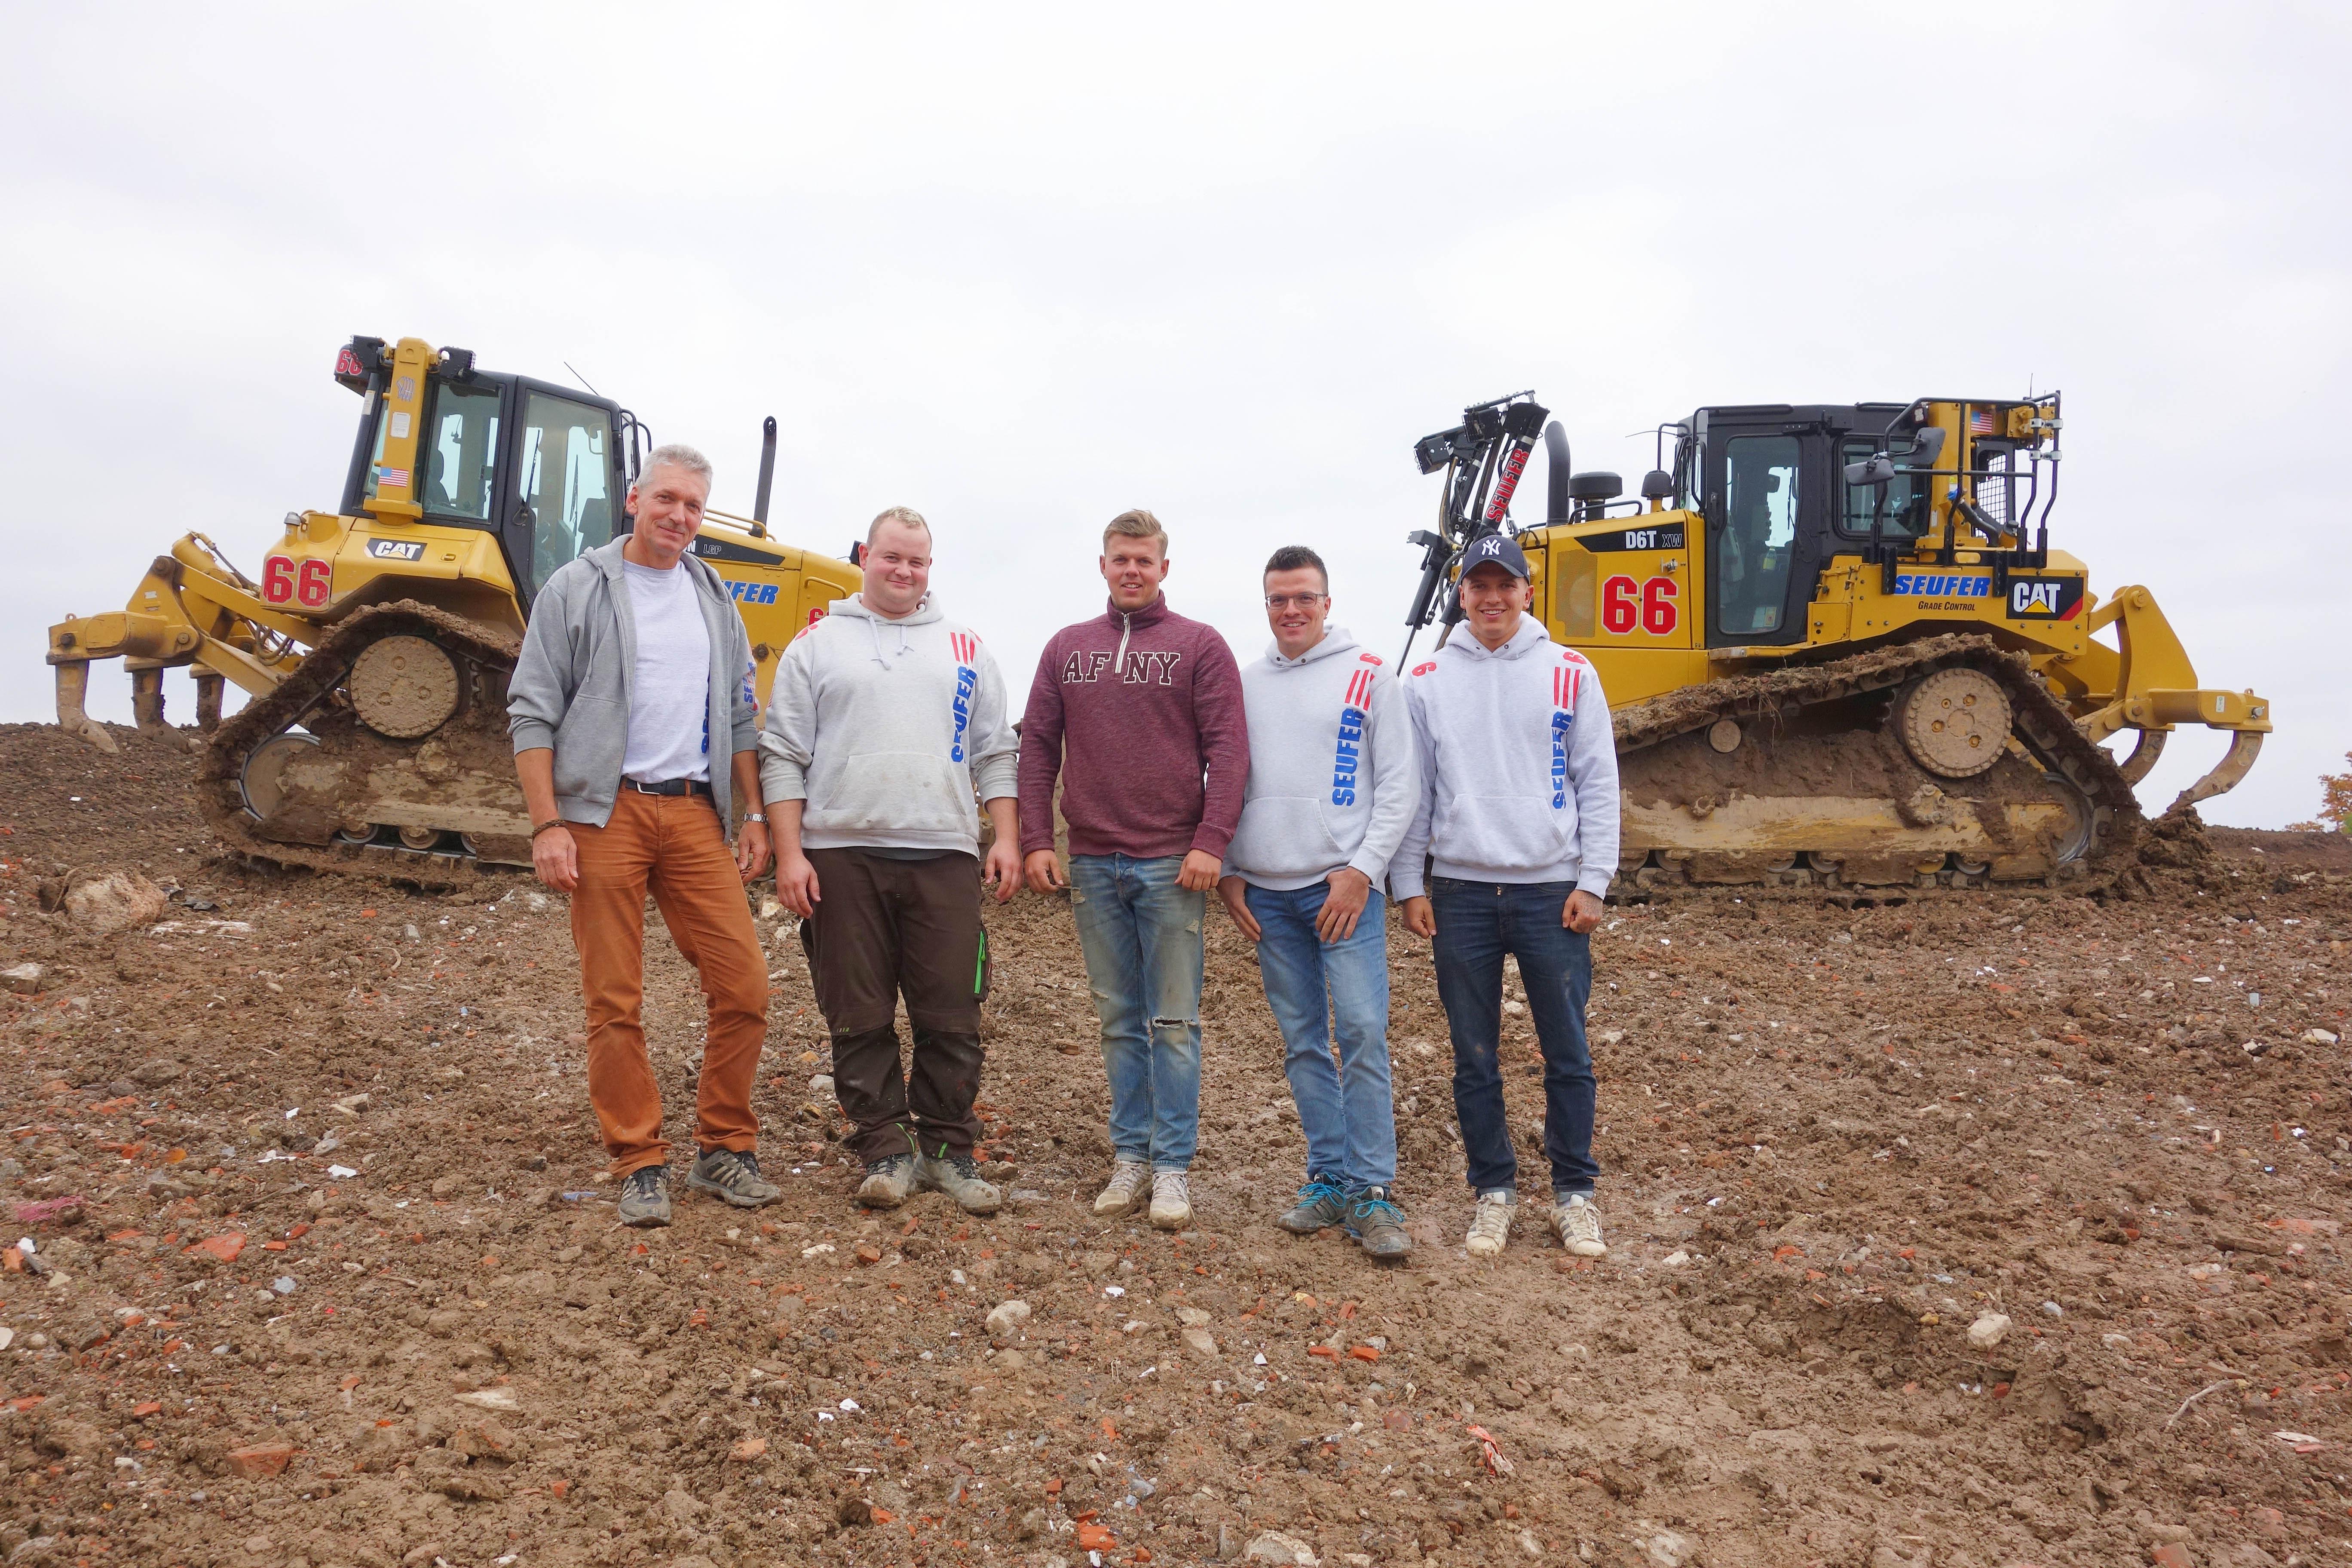 Raupenfahrer Axel Engelhardt und Dennis Schuck zusammen mit der nächsten Unternehmergeneration Tom Seufer, Kevin Richter und Sam Seufer (von links).